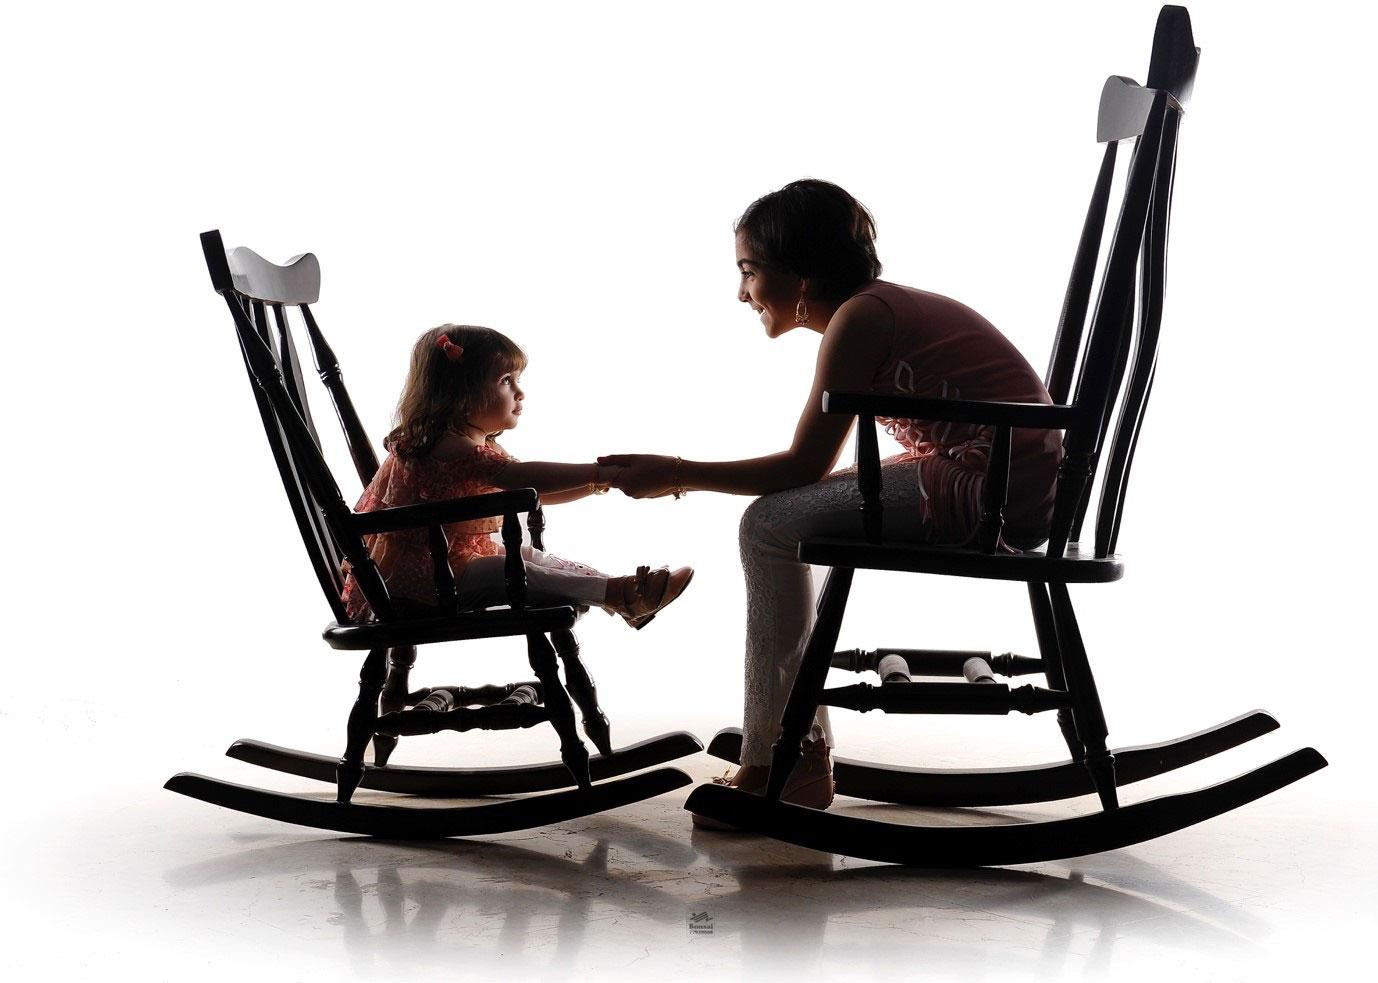 نکات مفید برای اولین جلسه عکاسی خانوادگی